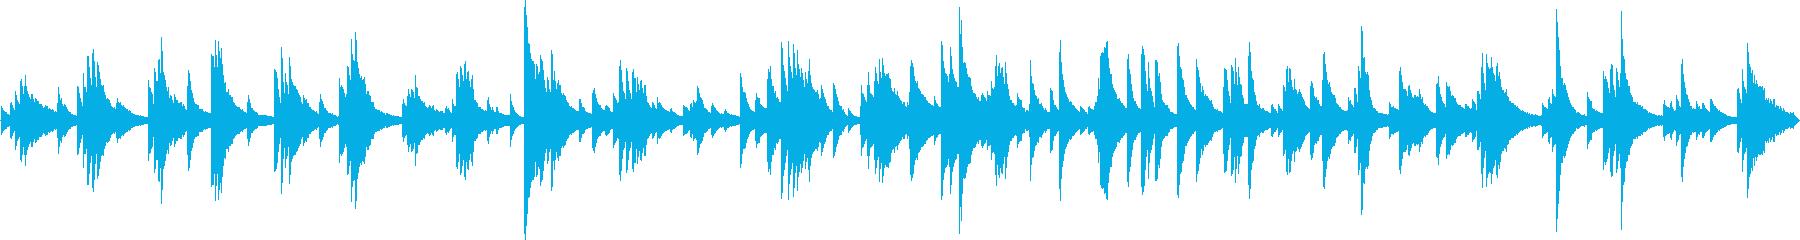 悲しげで静かなピアノ生演奏ソロ・ループの再生済みの波形